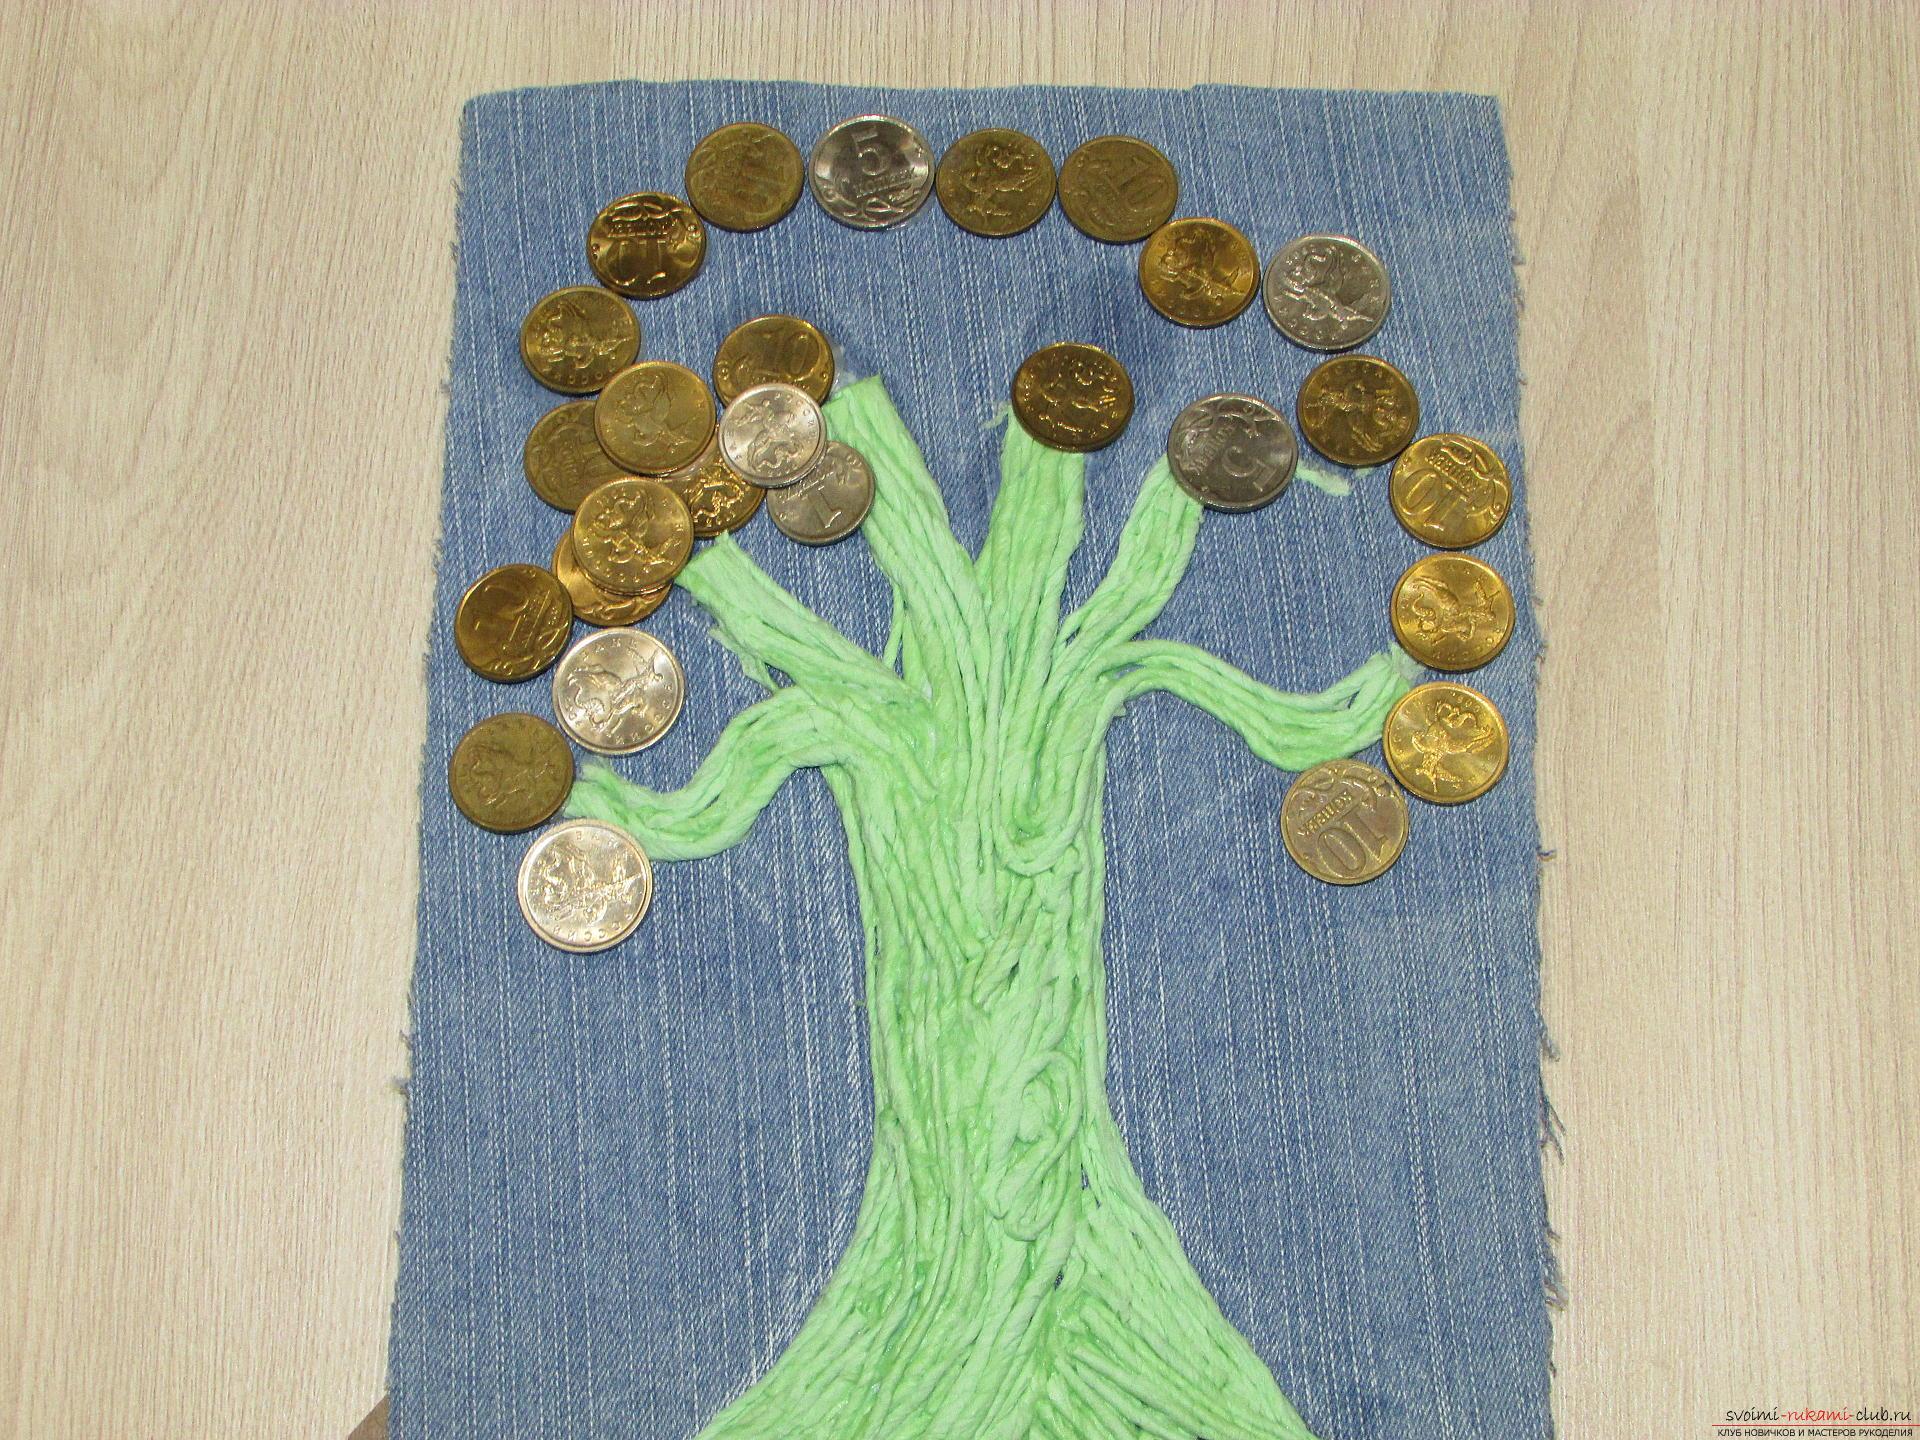 Мастер-класс покажет как сделать денежное дерево из монет своими руками.. Фото №10